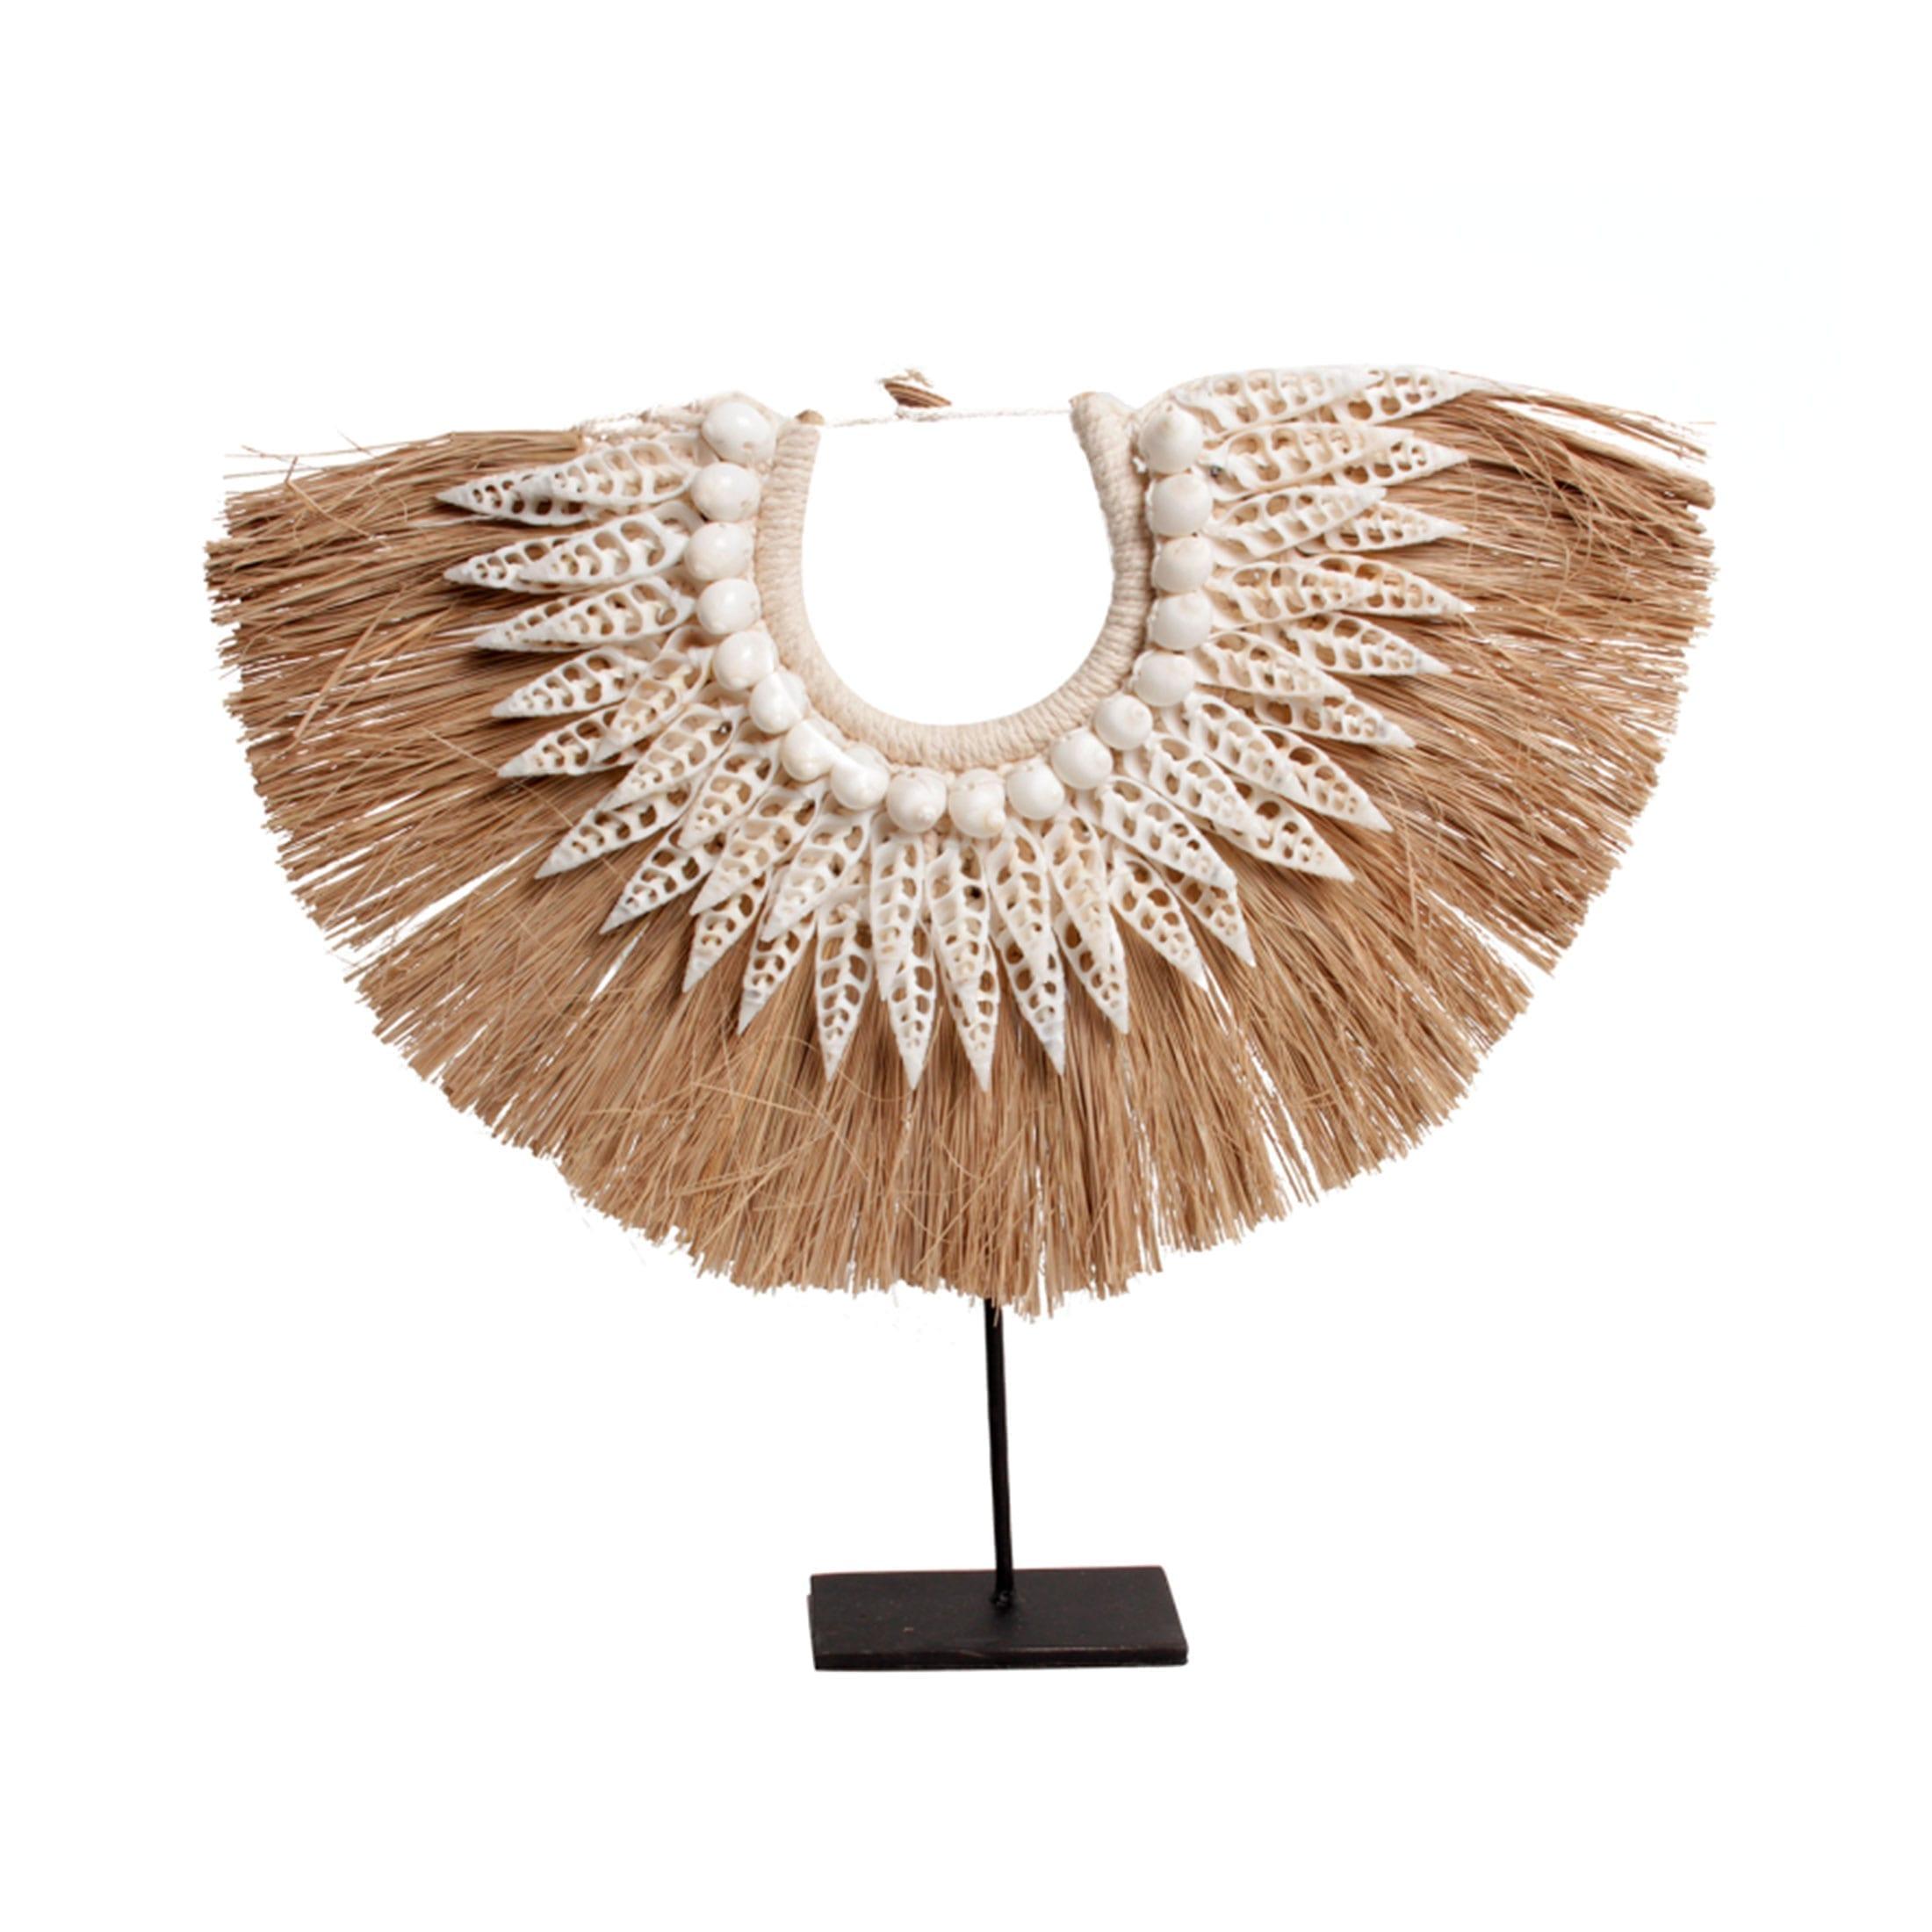 Ethno Dekoration aus echten Muscheln und Stroh im angesagten Look aus Papua Neuguinea. Entdecken Sie weitere Deko aus Muscheln und Federn bei uns